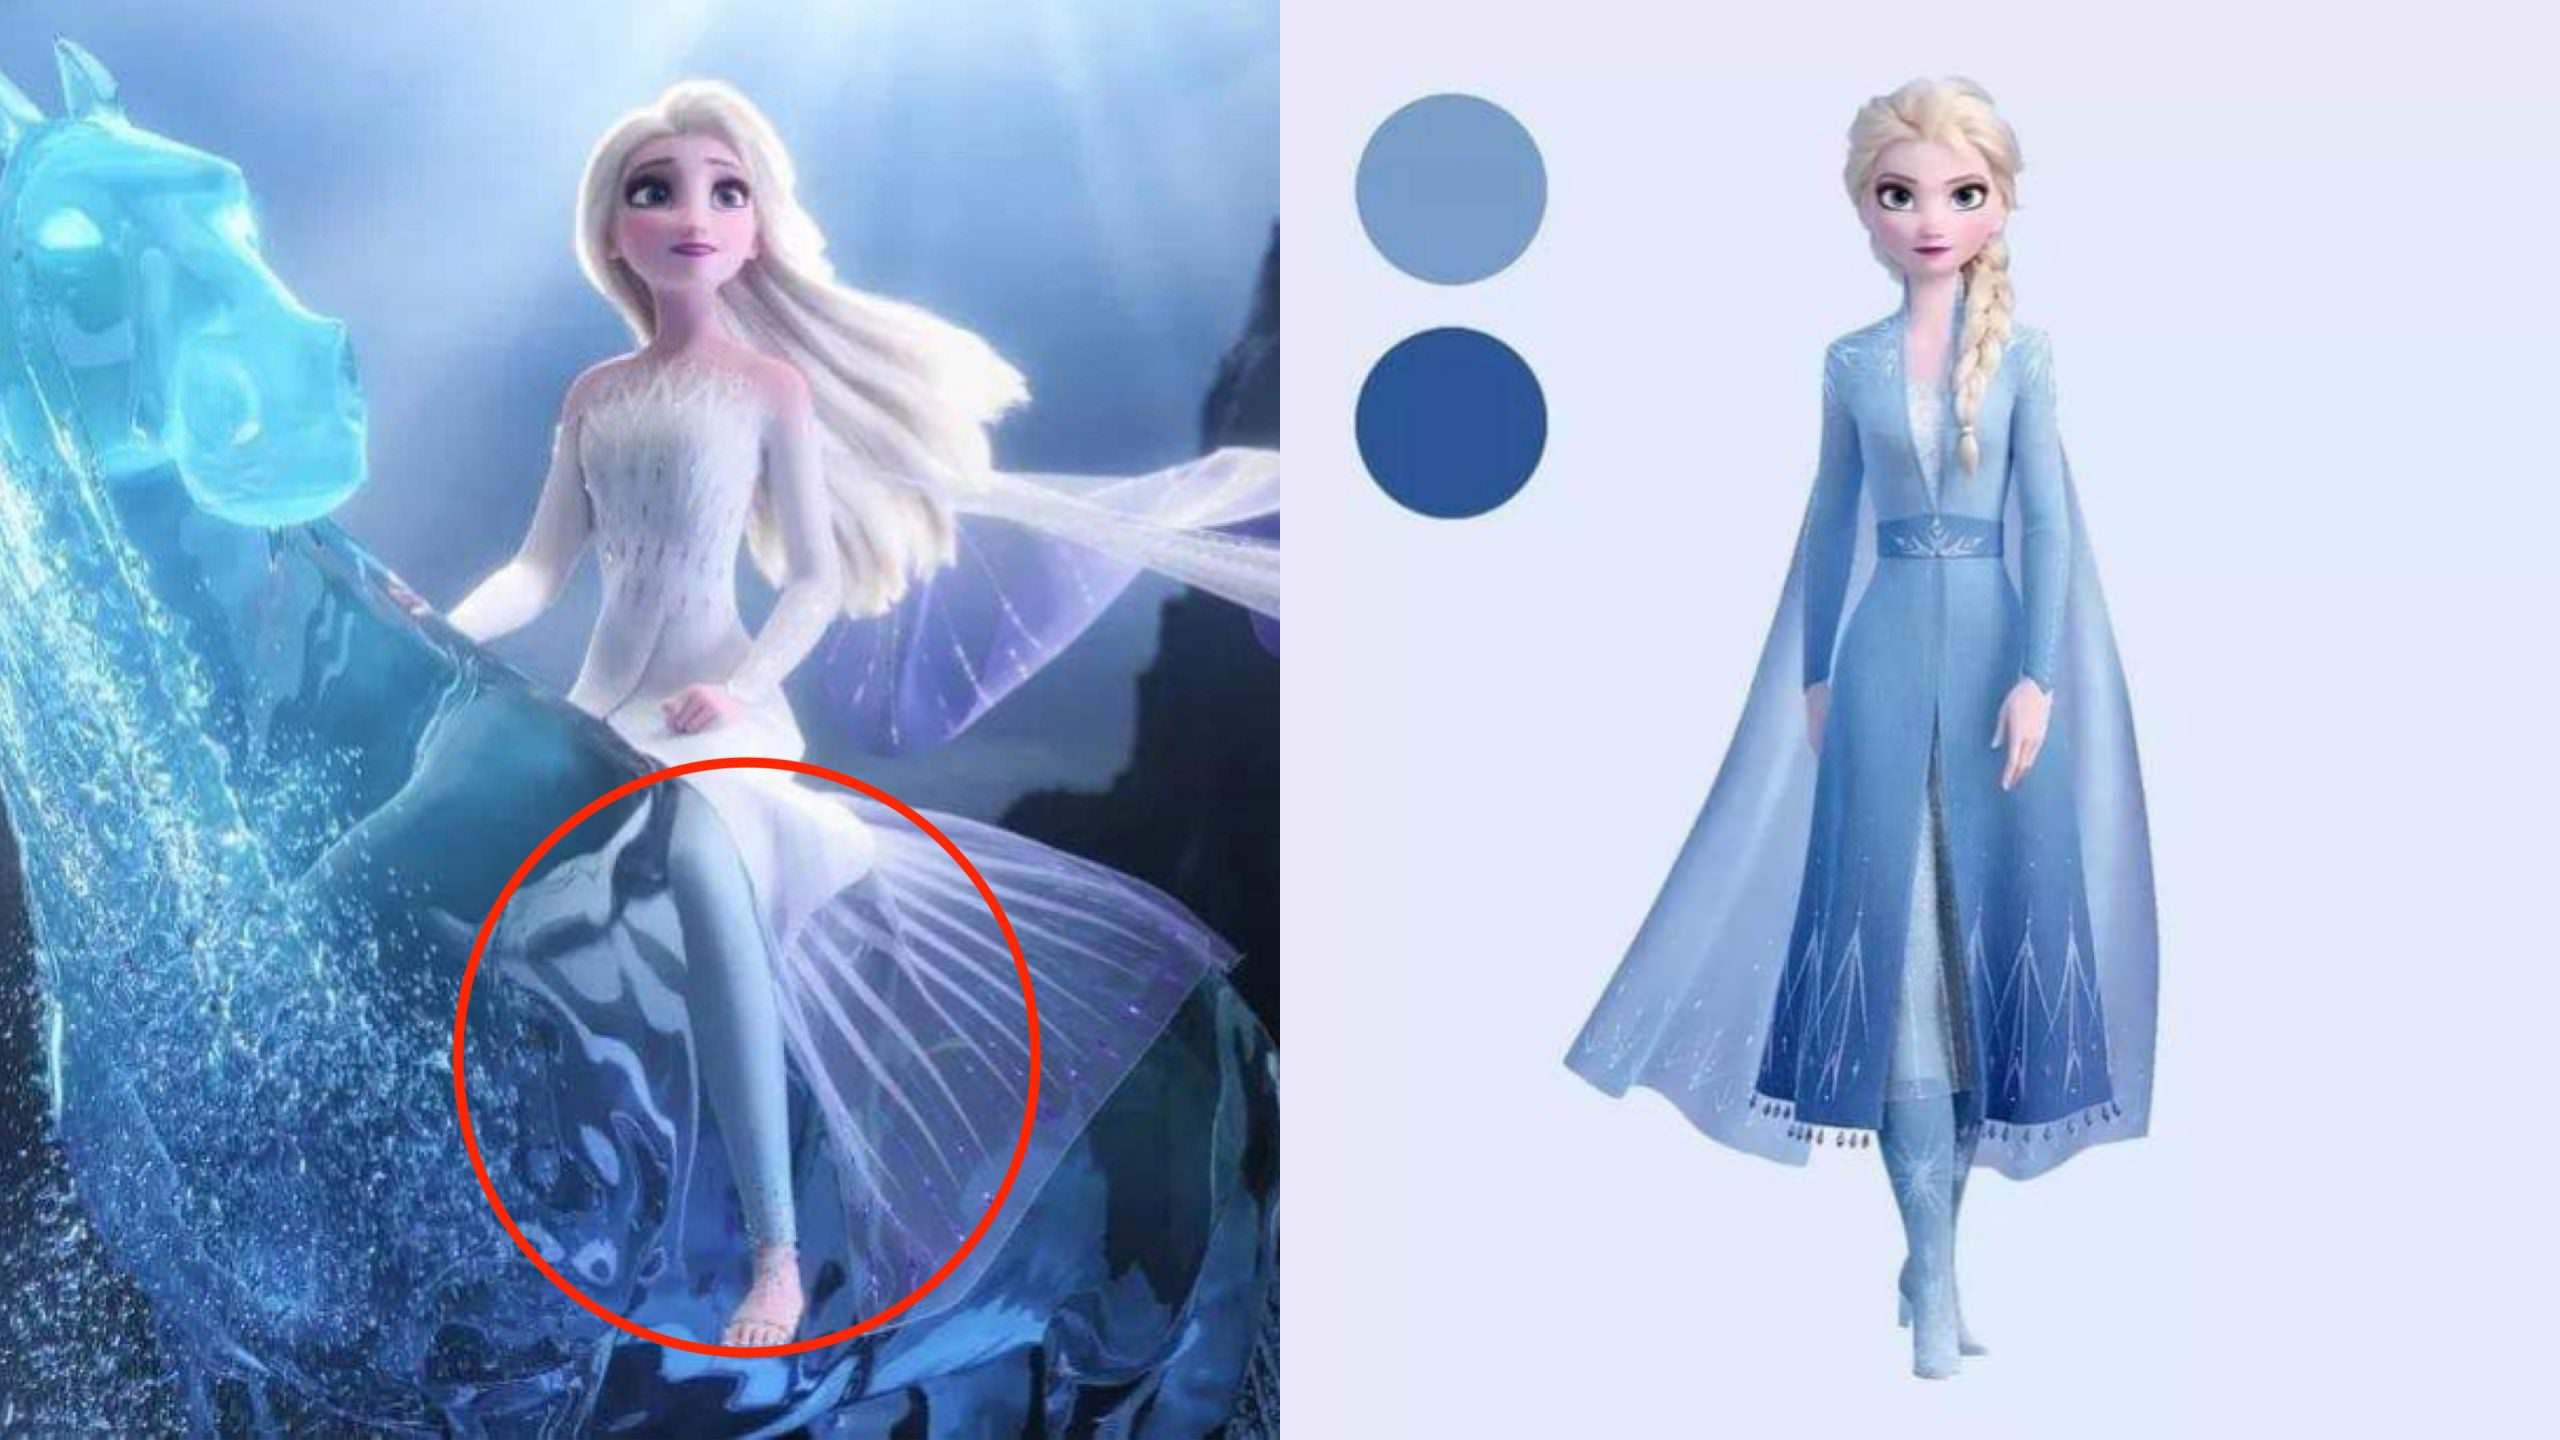 「Elsa 為什麼穿內搭褲?」迪士尼給出爆笑官方答案,網友表示:美就夠了—《冰雪奇緣2》—我們用電影寫日記